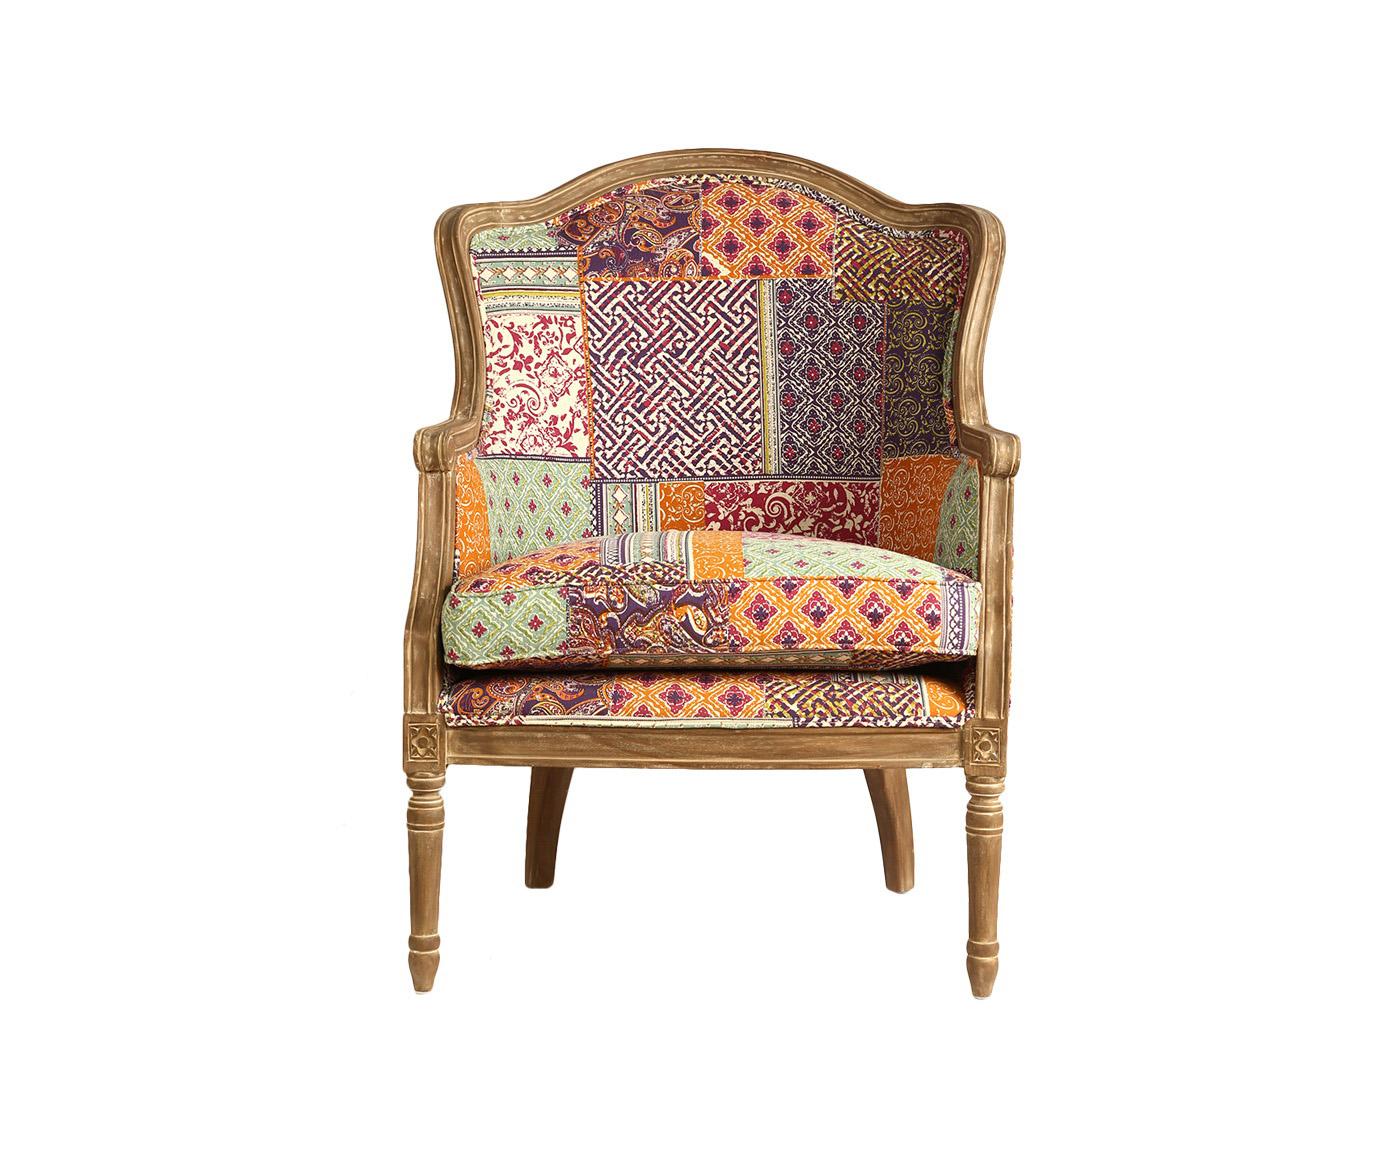 КреслоИнтерьерные кресла<br>Классическое кресло на резном деревянном каркасе. Подушка сиденья независимая.&amp;amp;nbsp;<br><br>Material: Текстиль<br>Width см: 69<br>Depth см: 69<br>Height см: 92